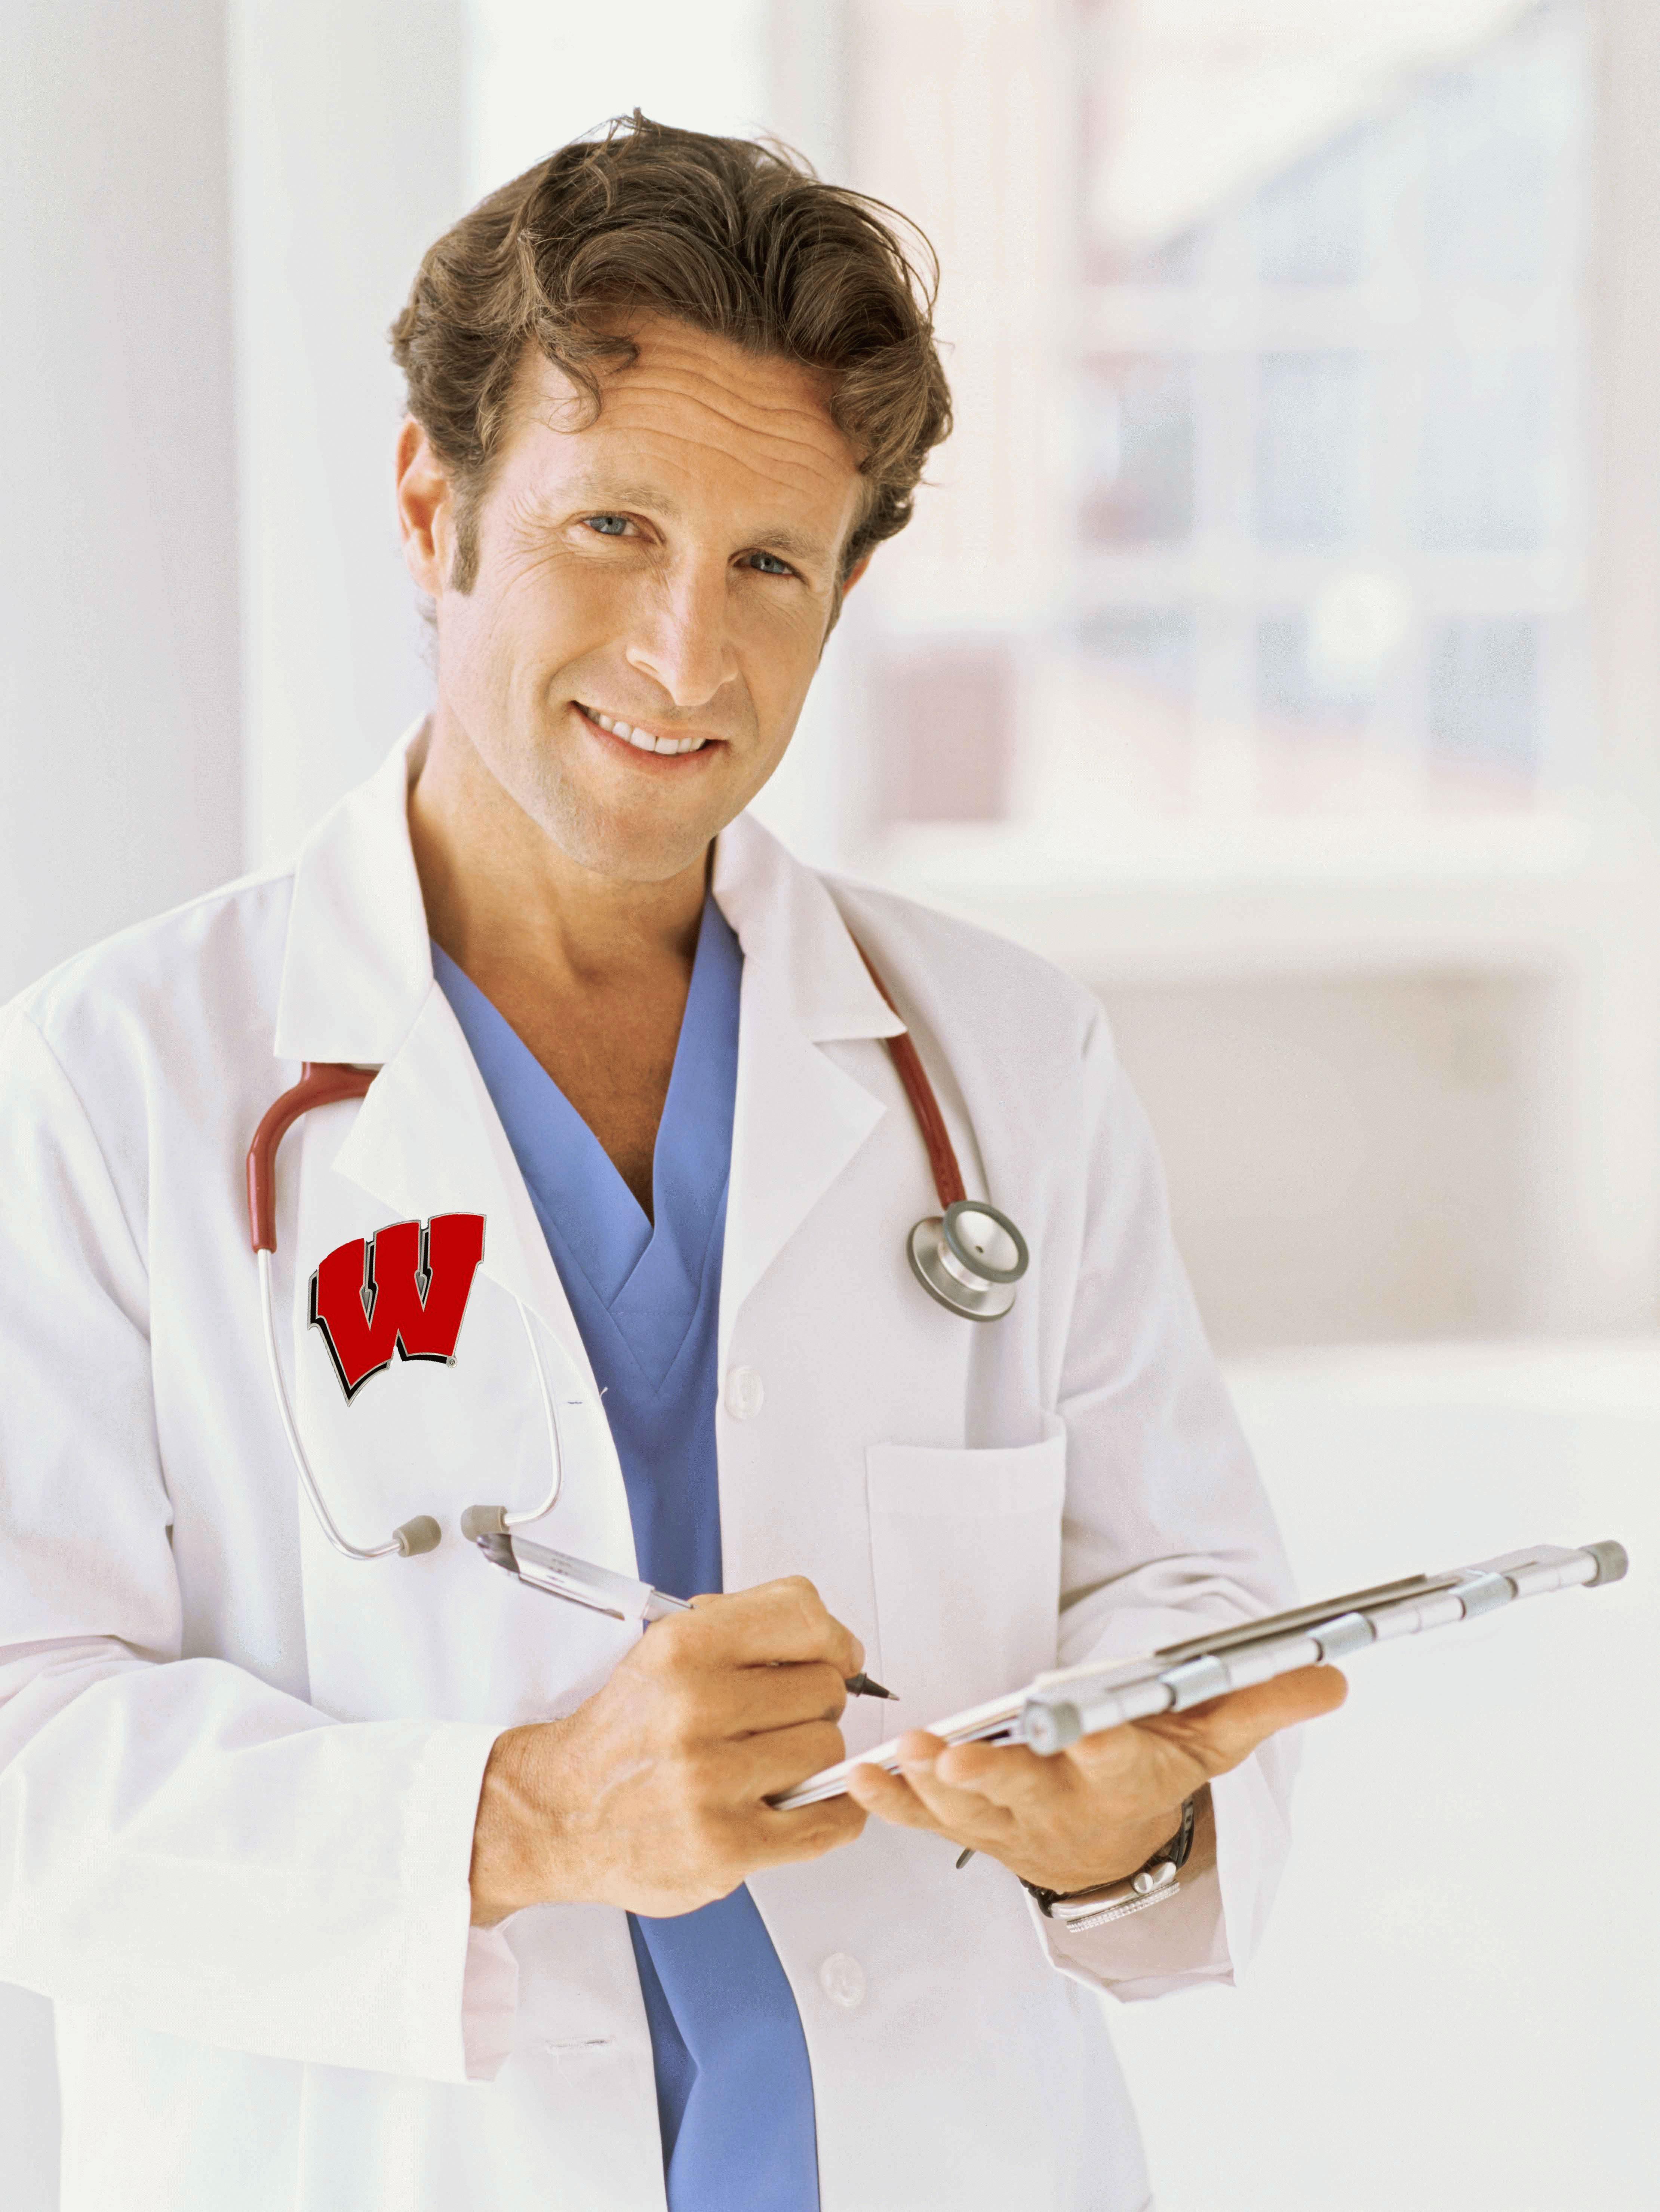 Вопрос ответ врачу 16 фотография